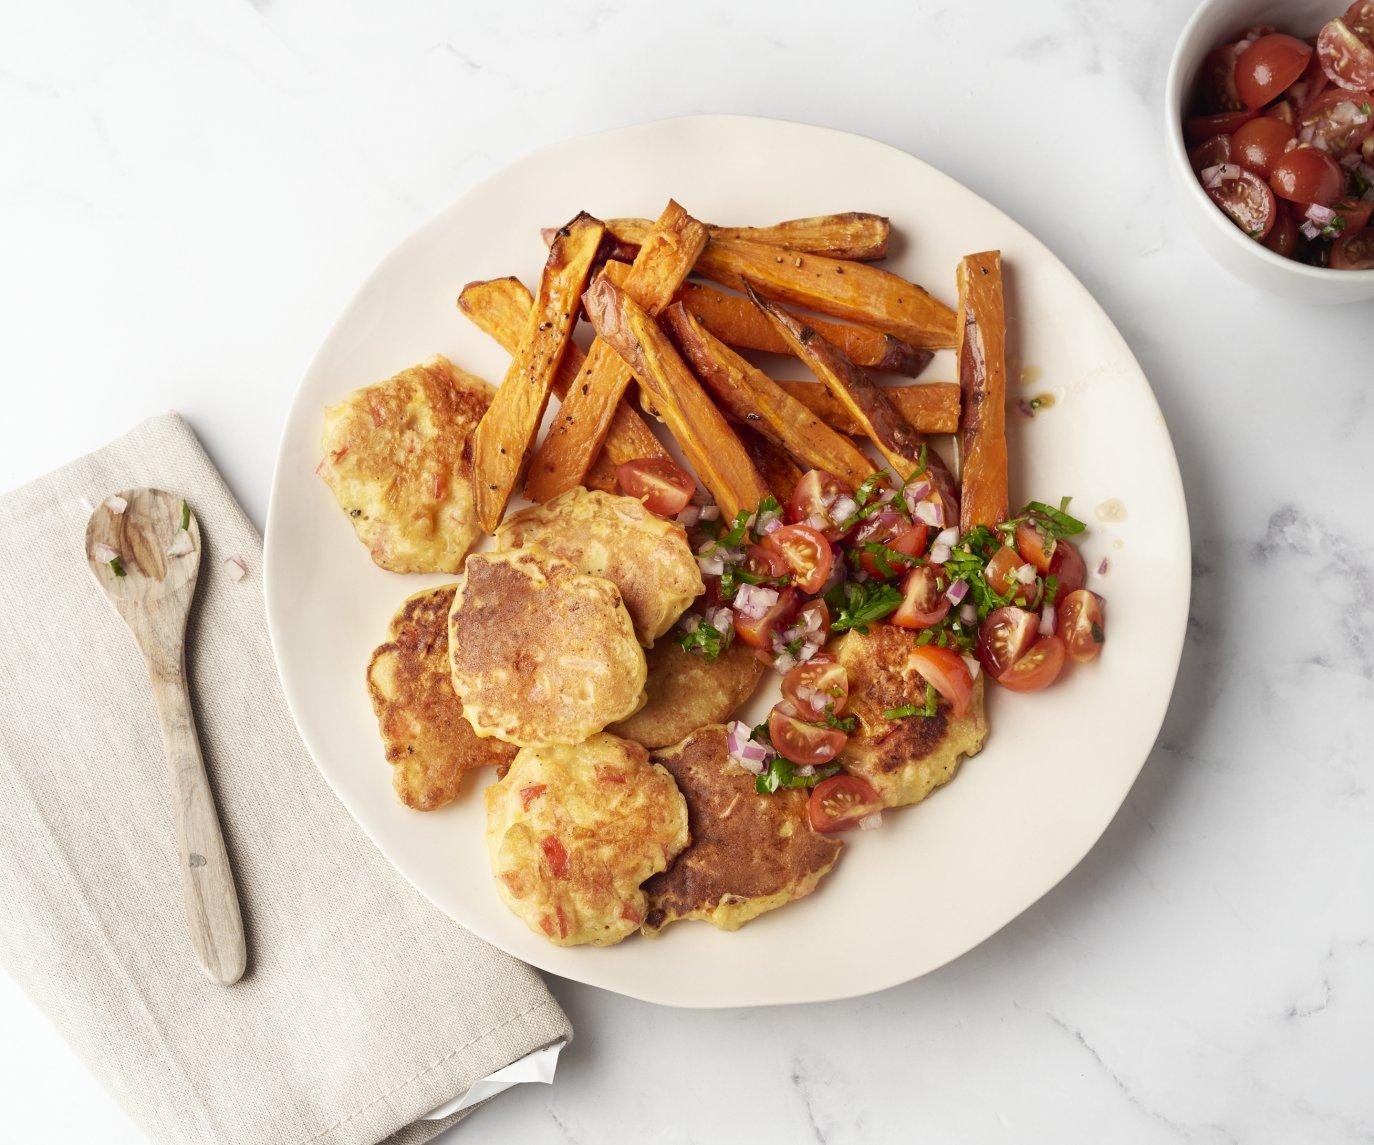 Maïspannenkoekjes met salsa en zoete aardappelwedges